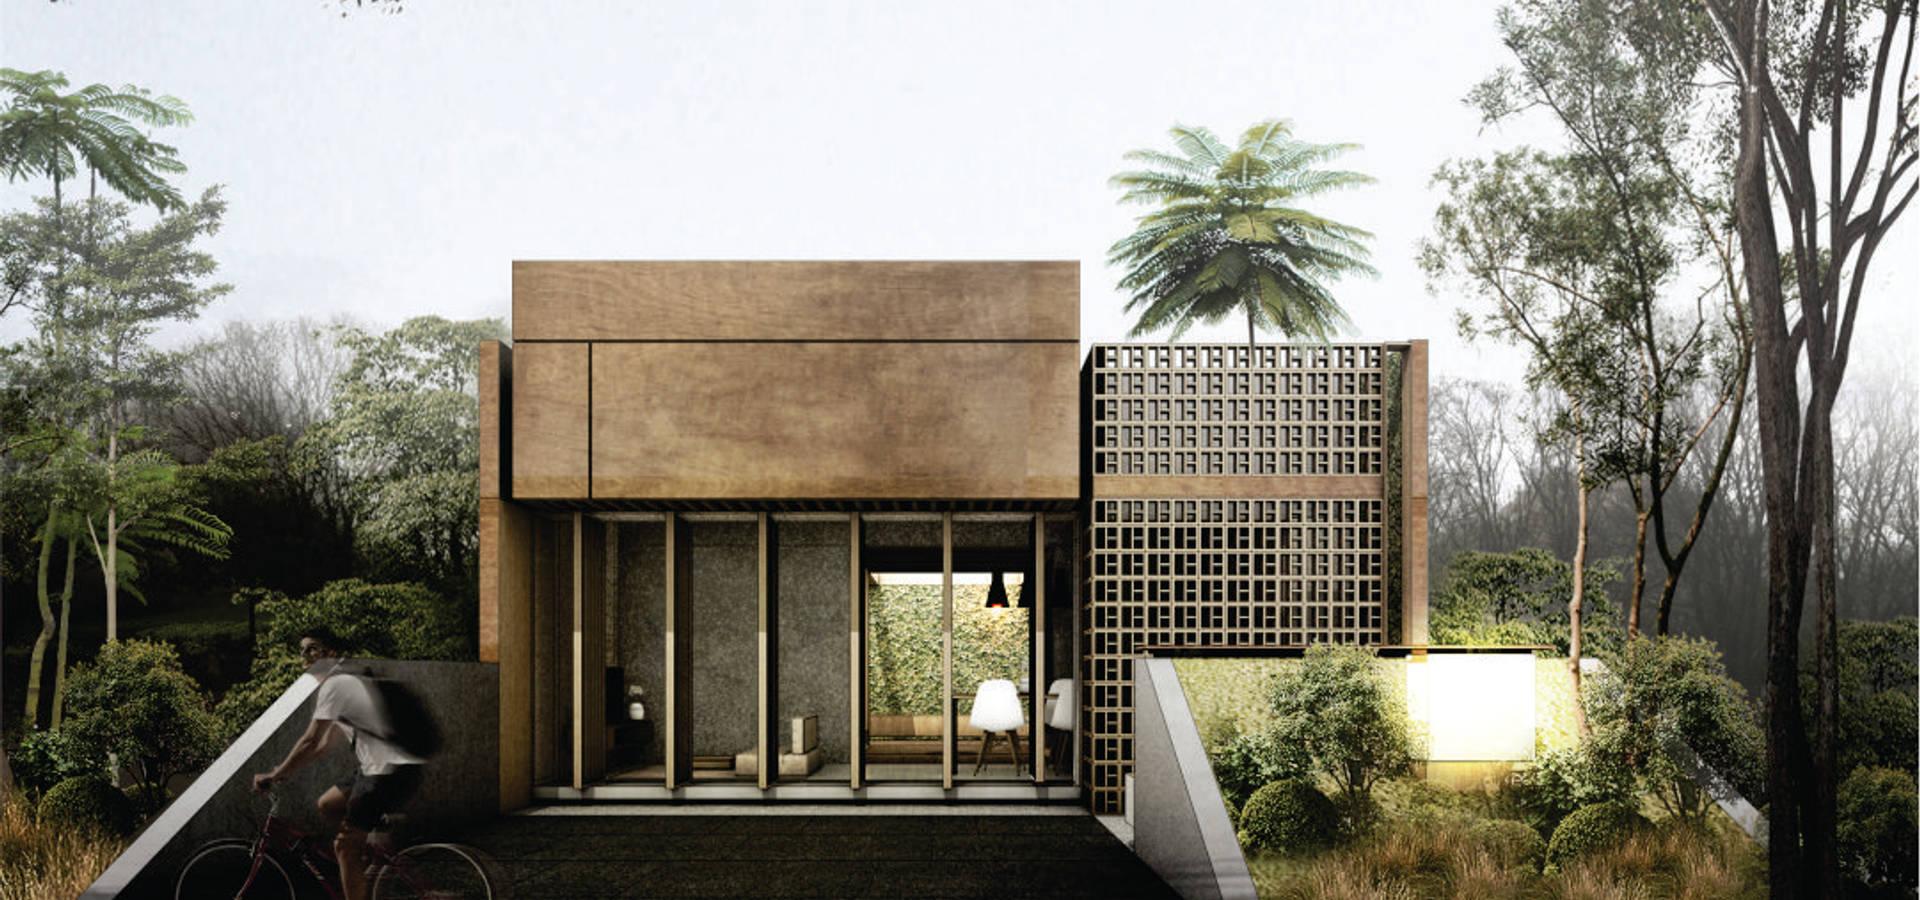 studioreka architect